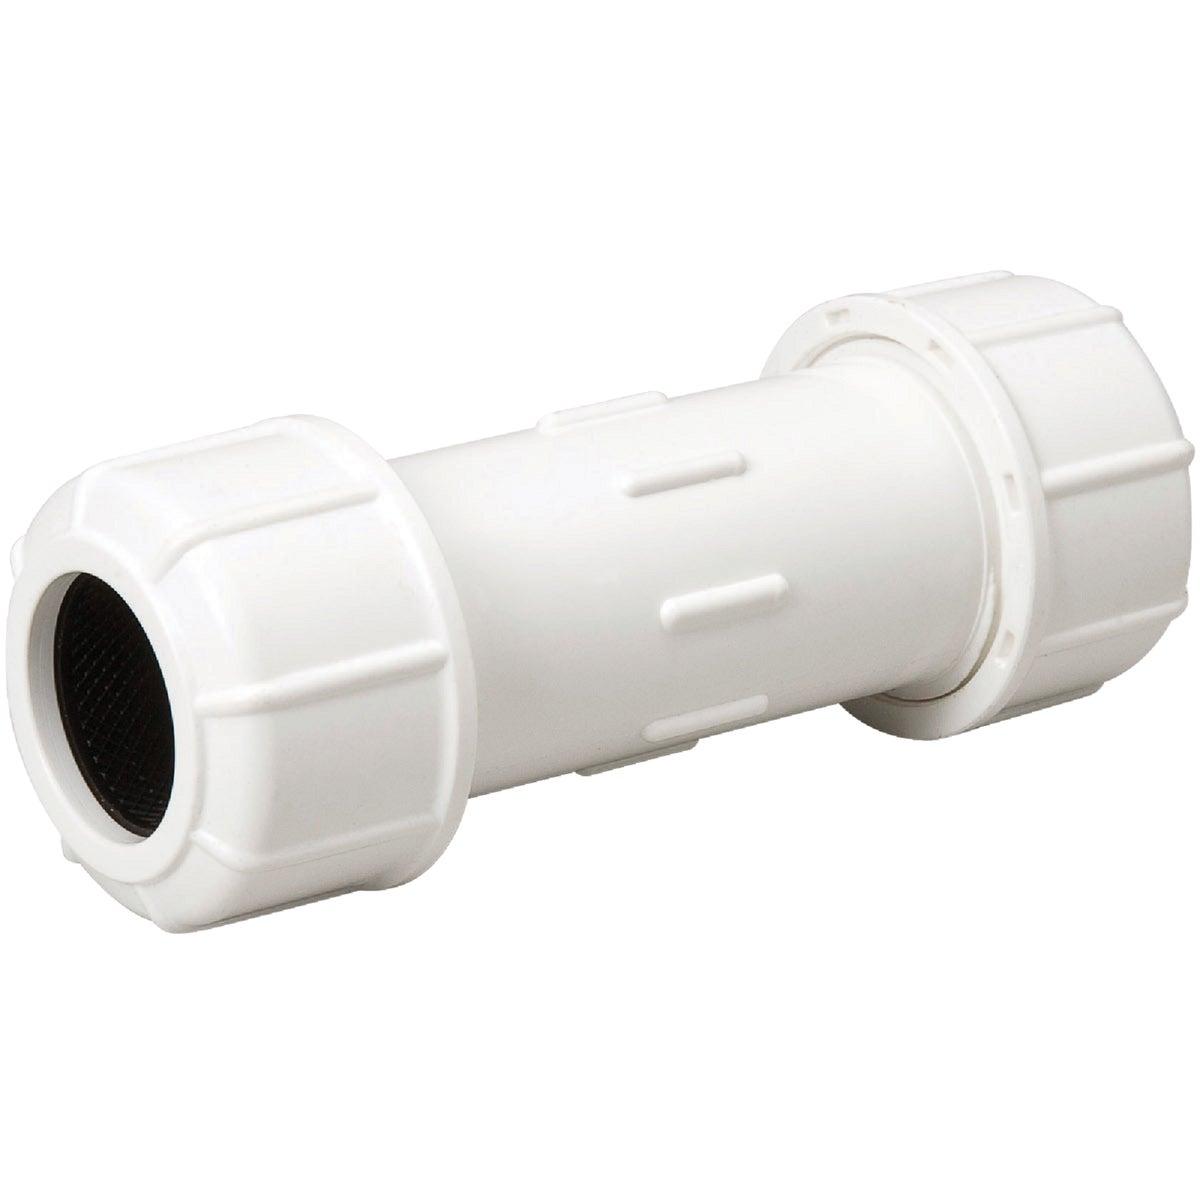 2X7-1/2 PVC COUPLING